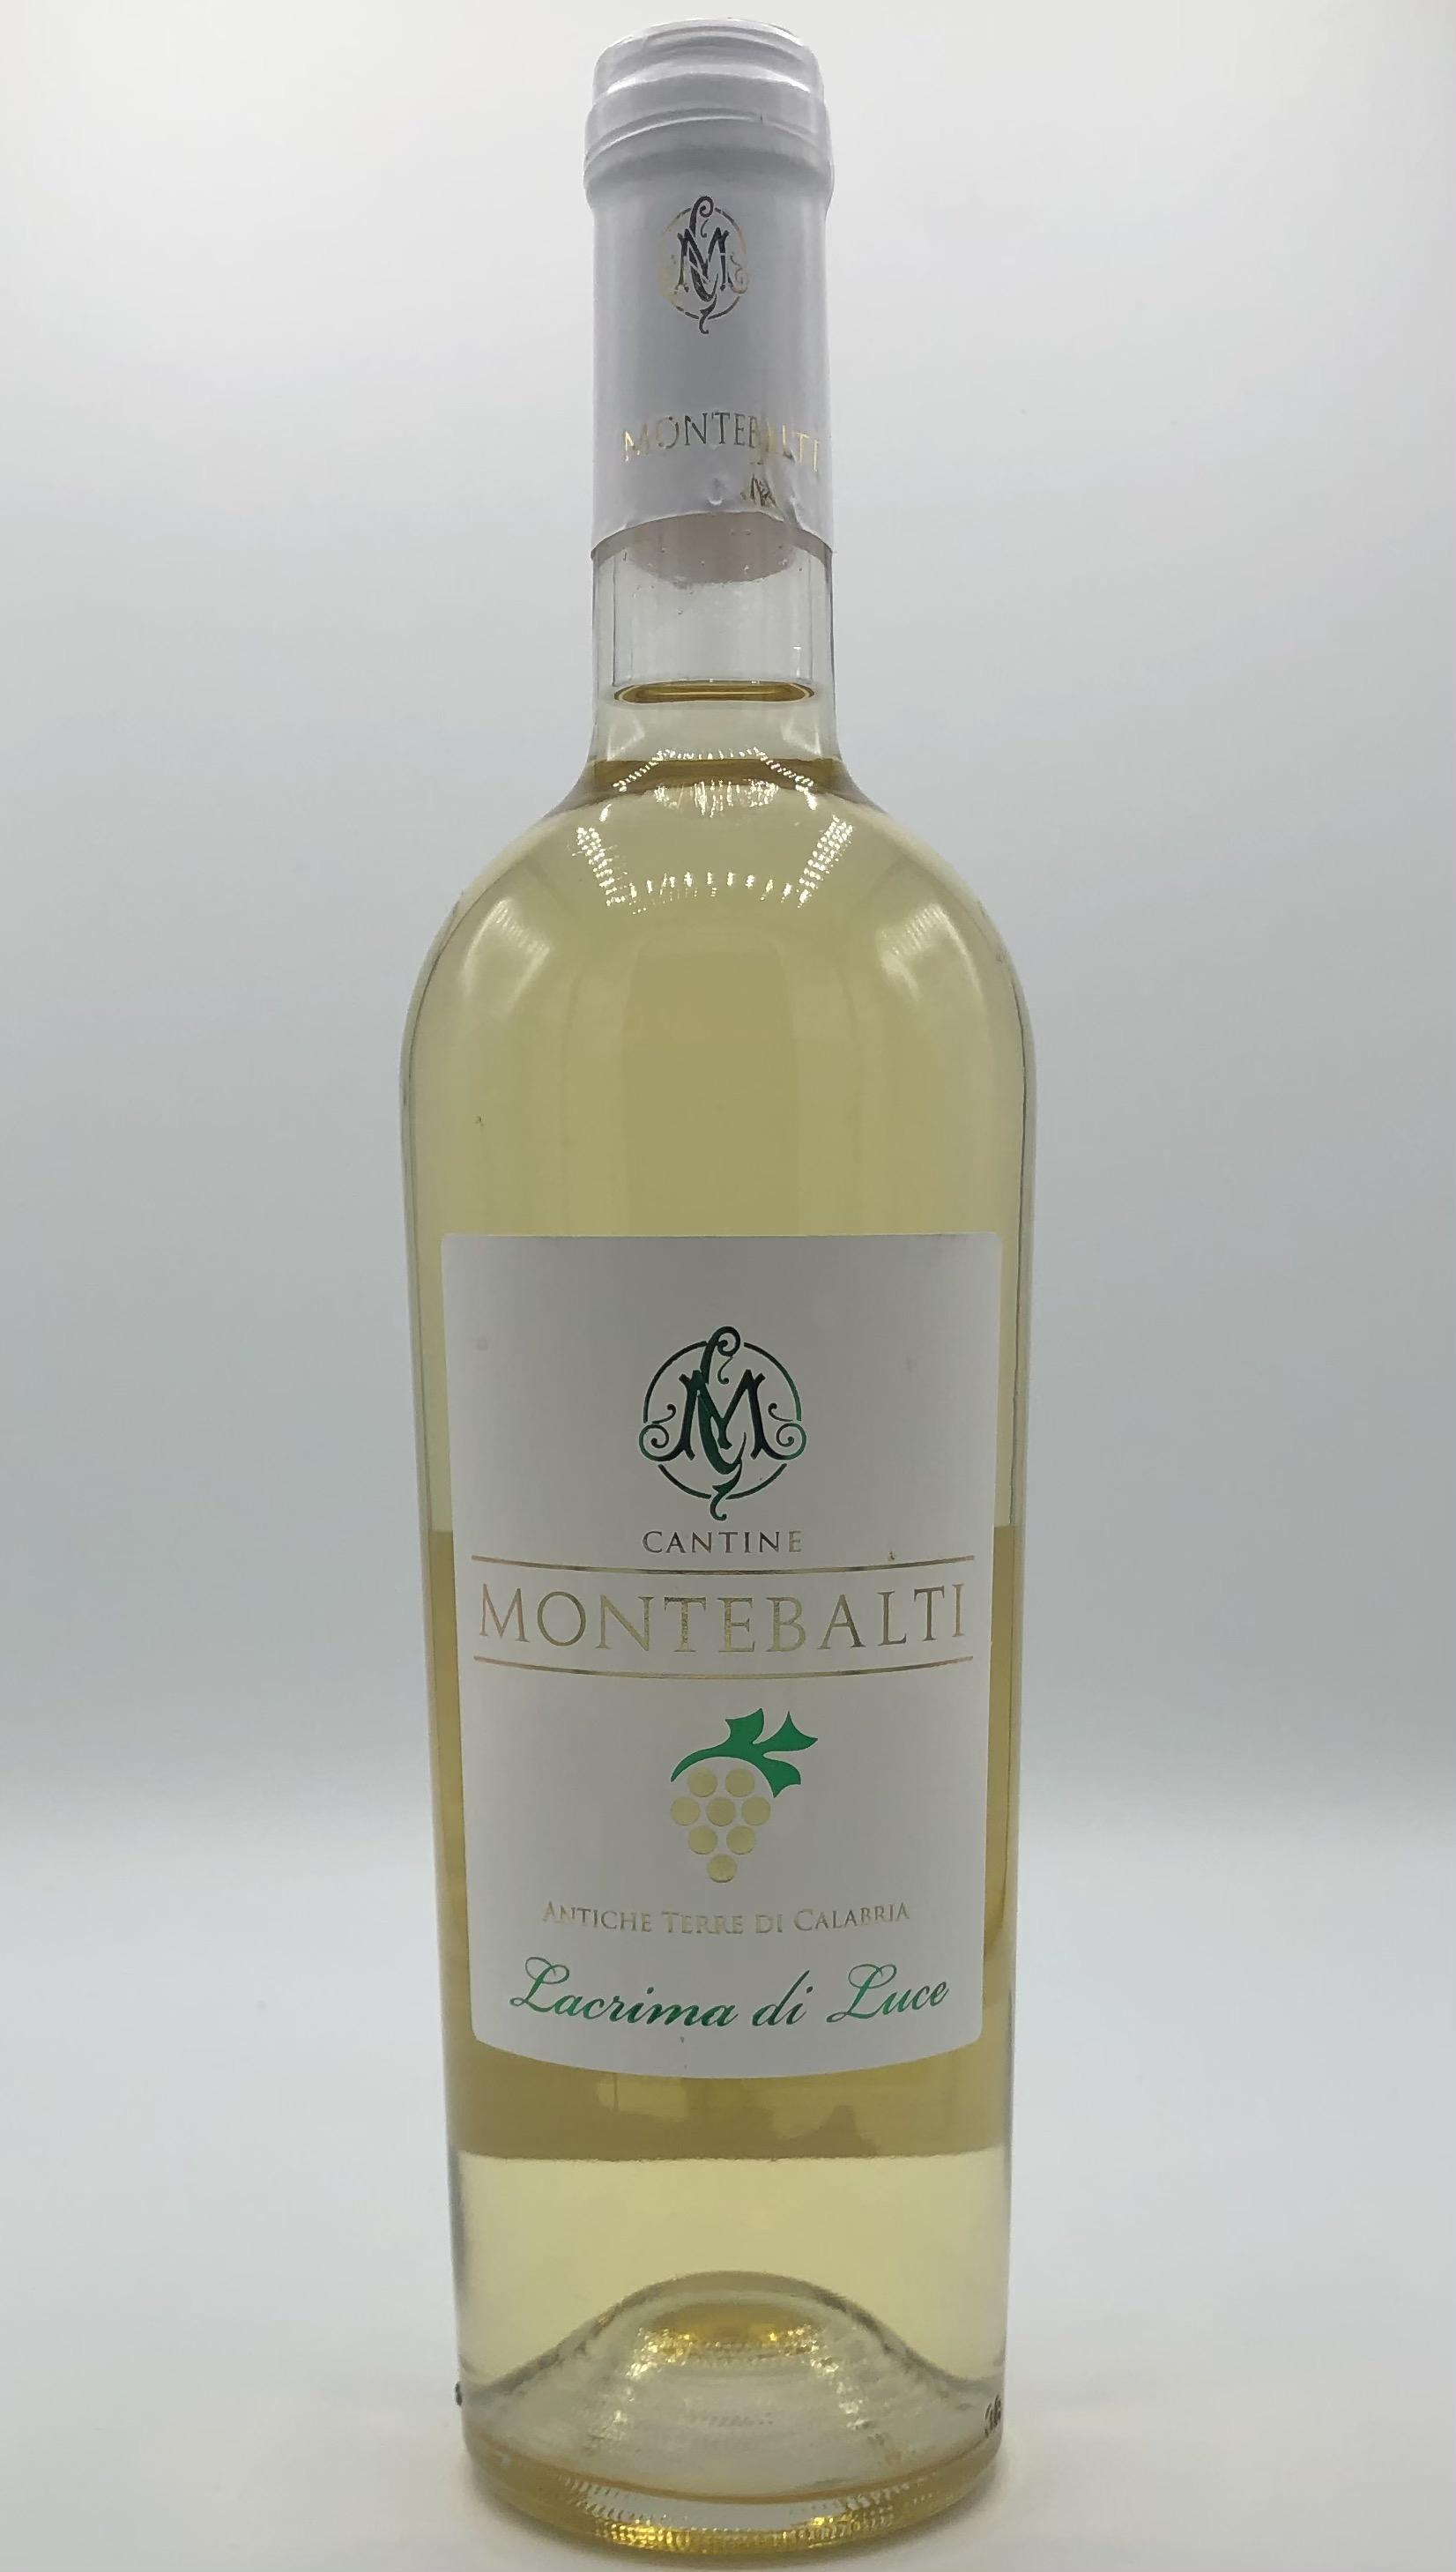 Vino Cantine Montebalti Lacrima di Luce CL.75